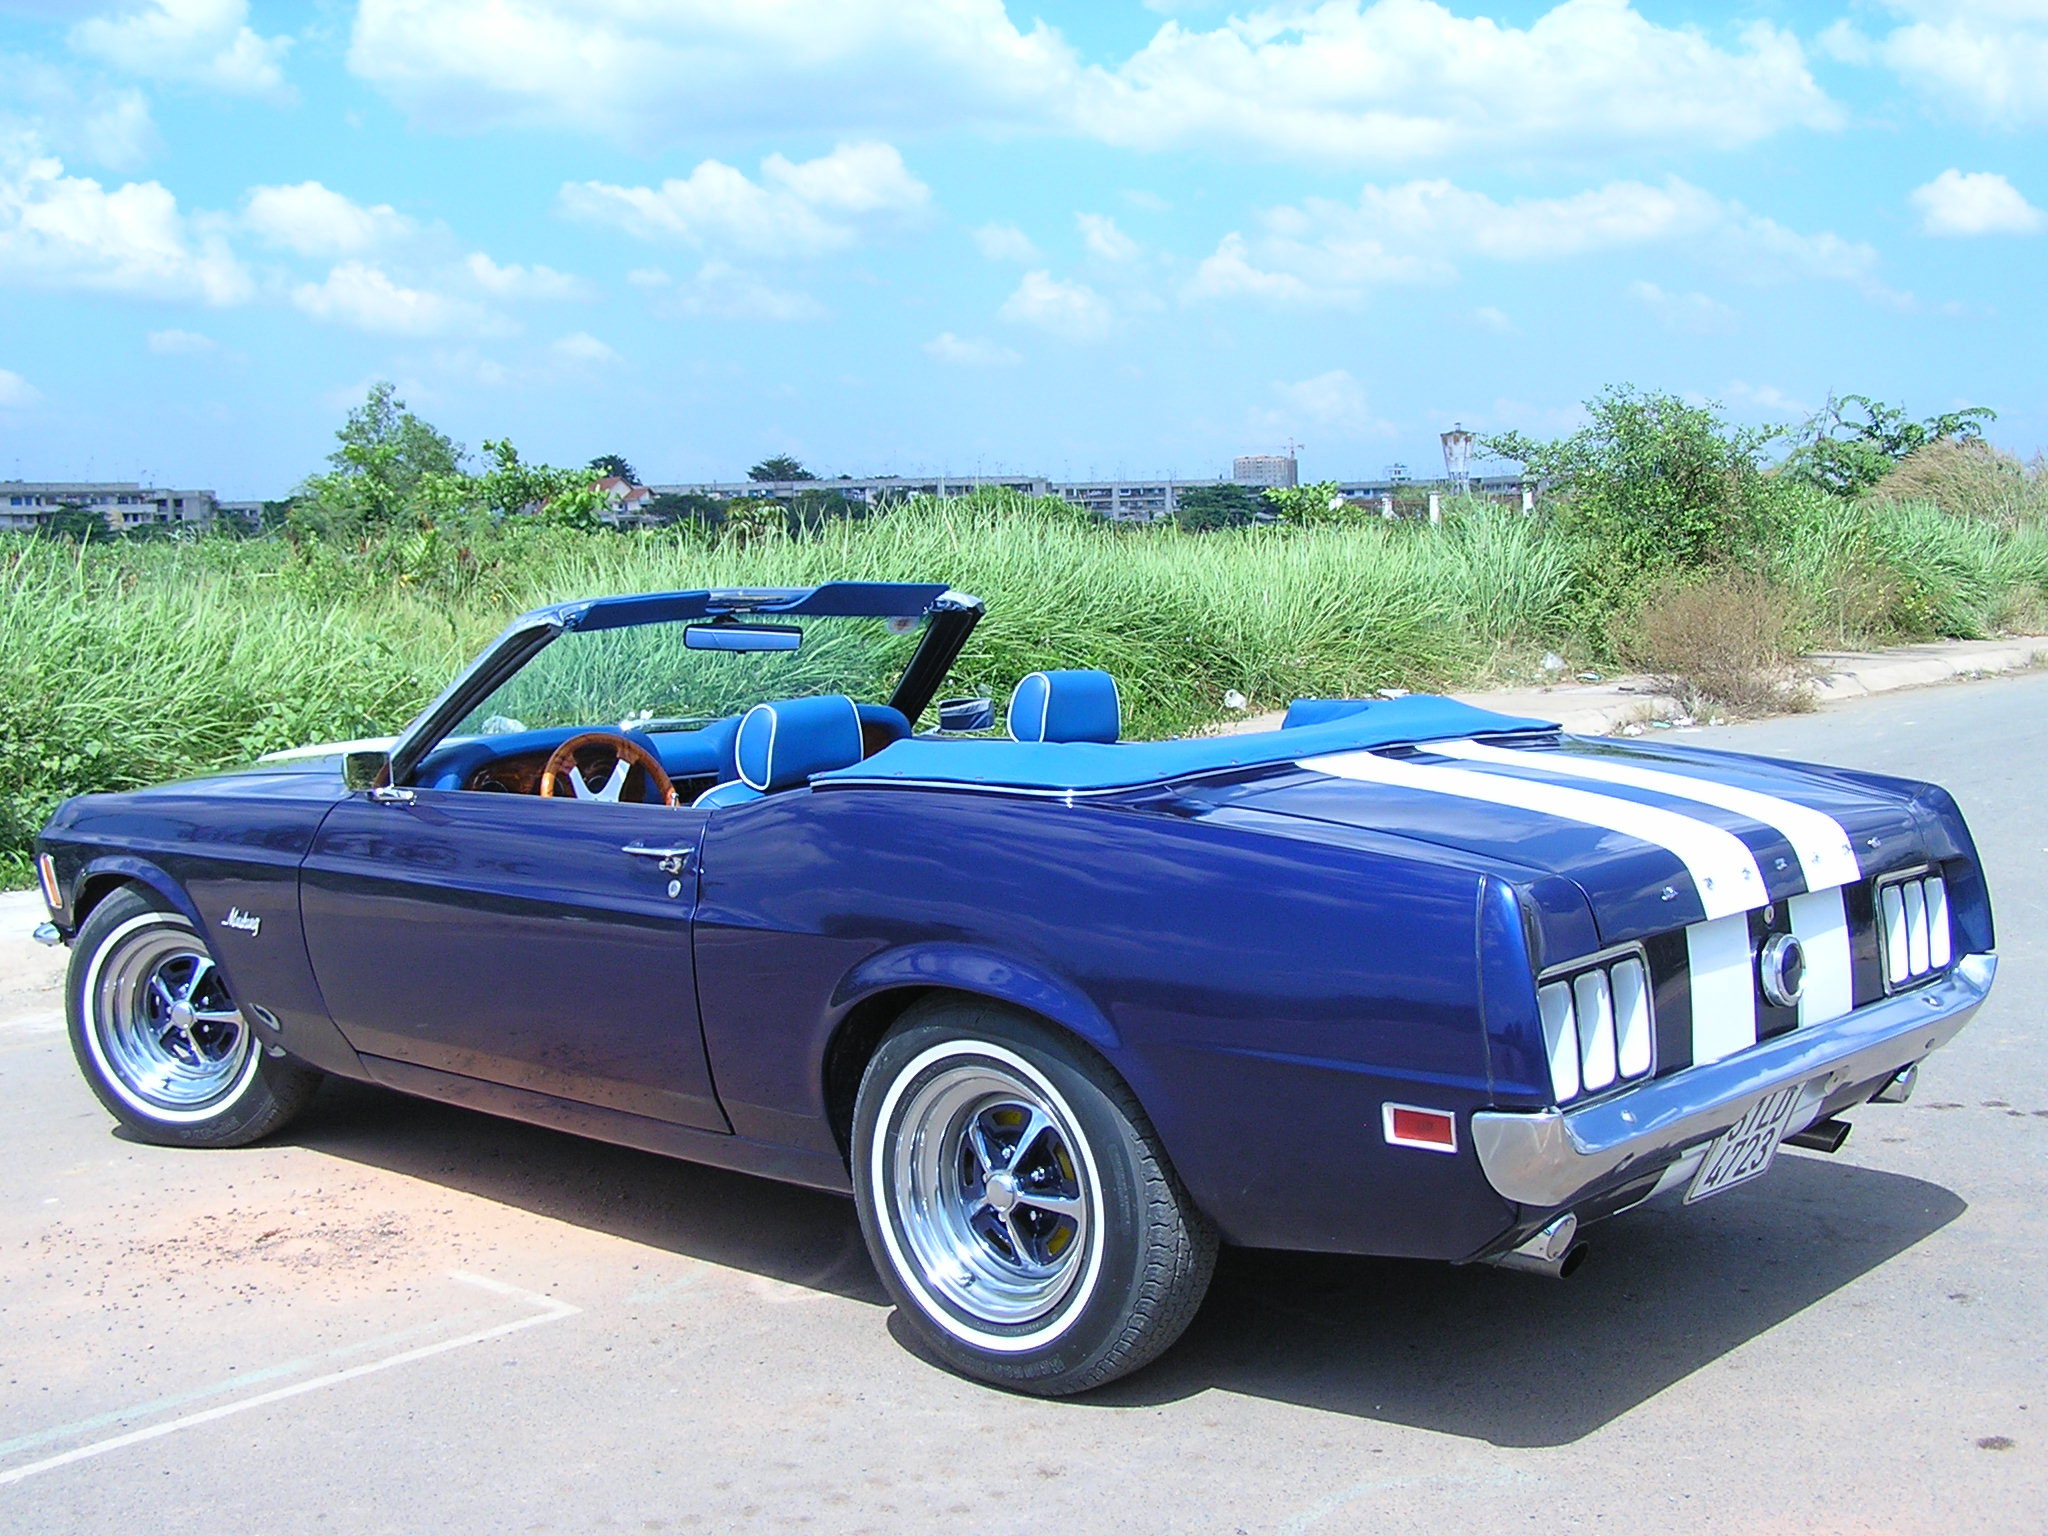 Khám phá xe cổ Ford Mustang 1970 tại Sài Gòn_20